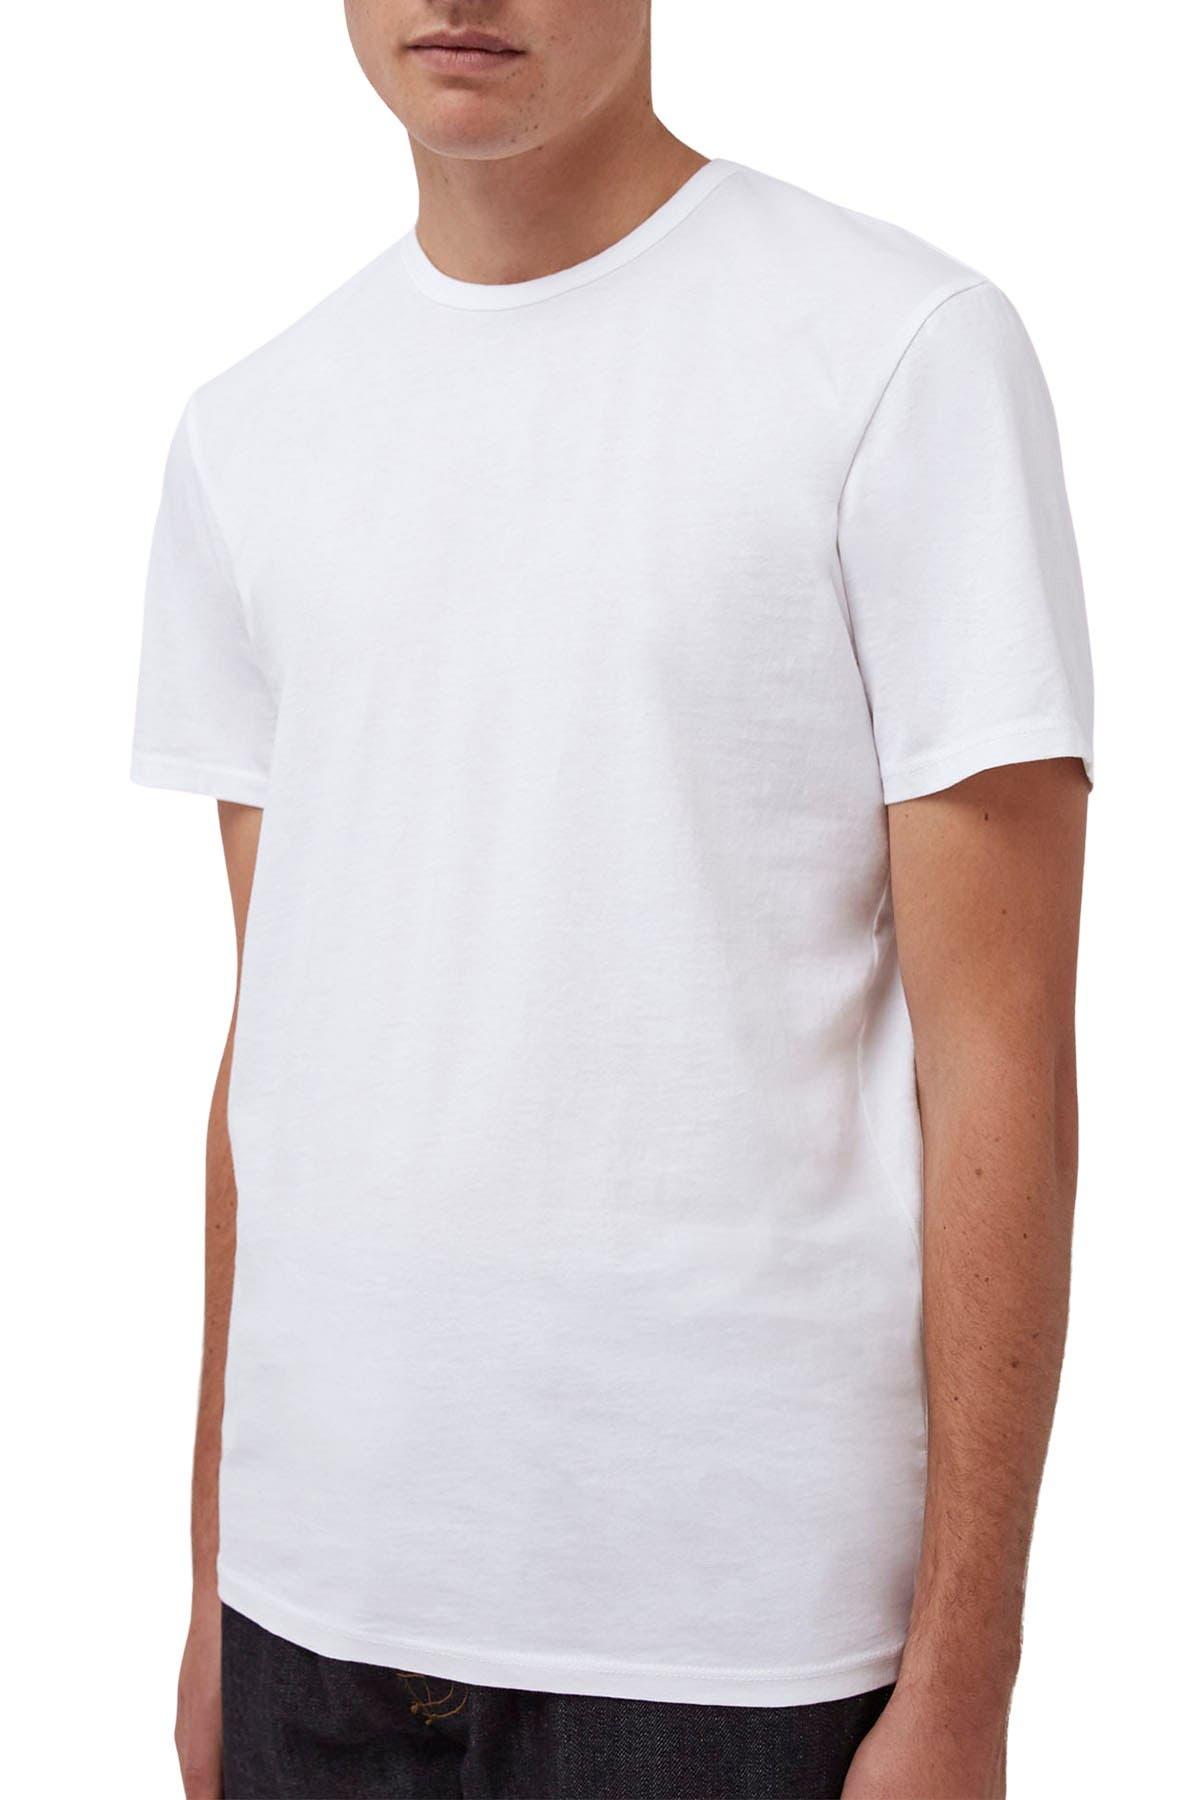 Image of BLDWN Modern Slim T-Shirt